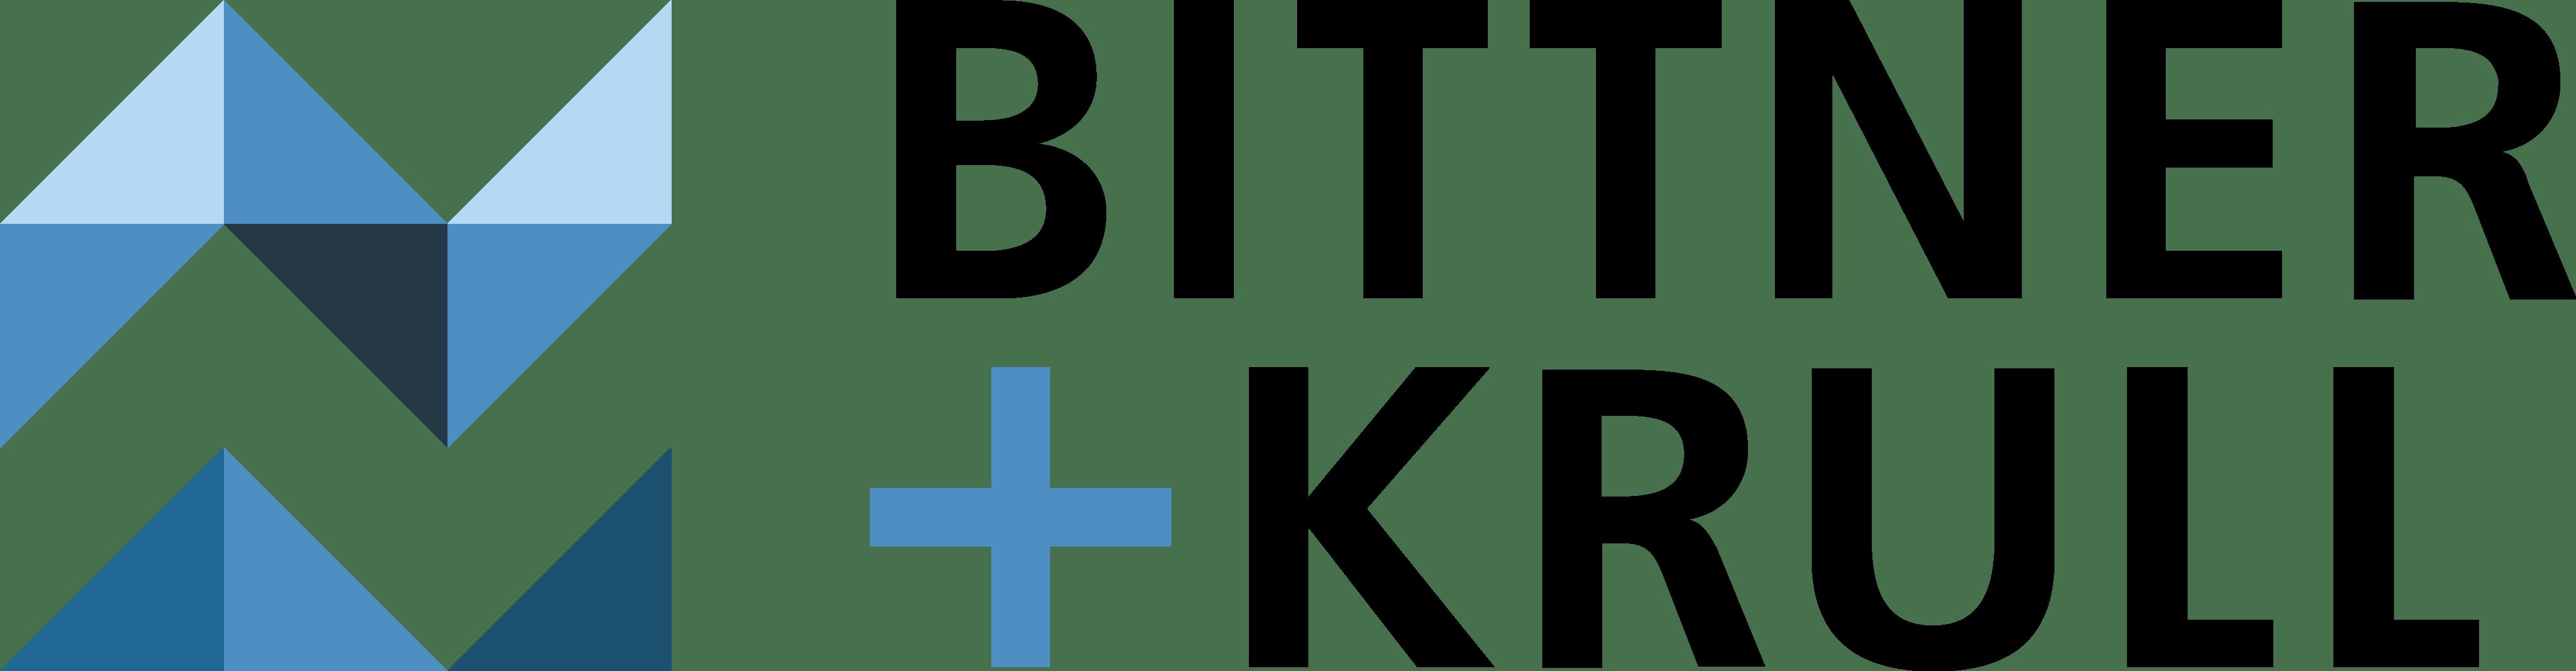 Bittner & Krull